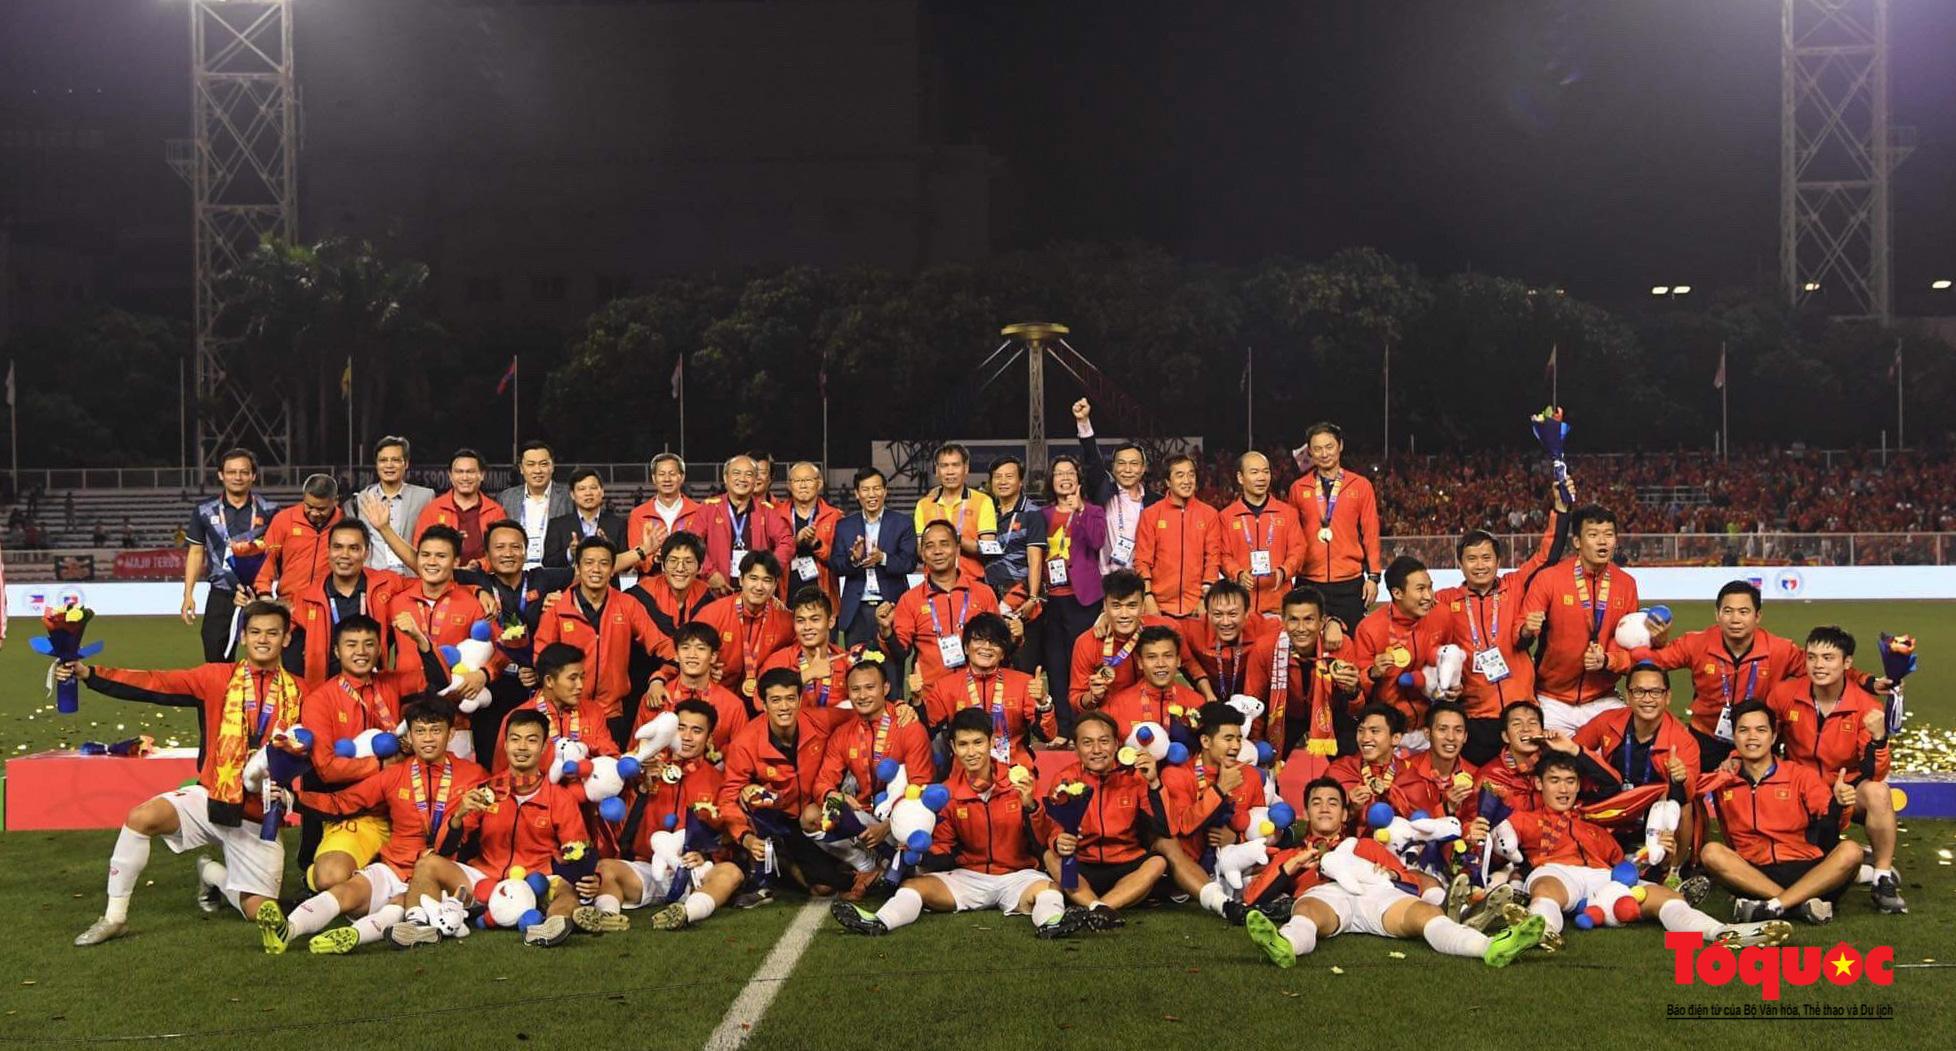 Tinh thần Việt Nam, Ý chí Việt Nam lan tỏa từ một kỳ SEA Games thành công nhất trong lịch sử thể thao nước nhà - Ảnh 1.